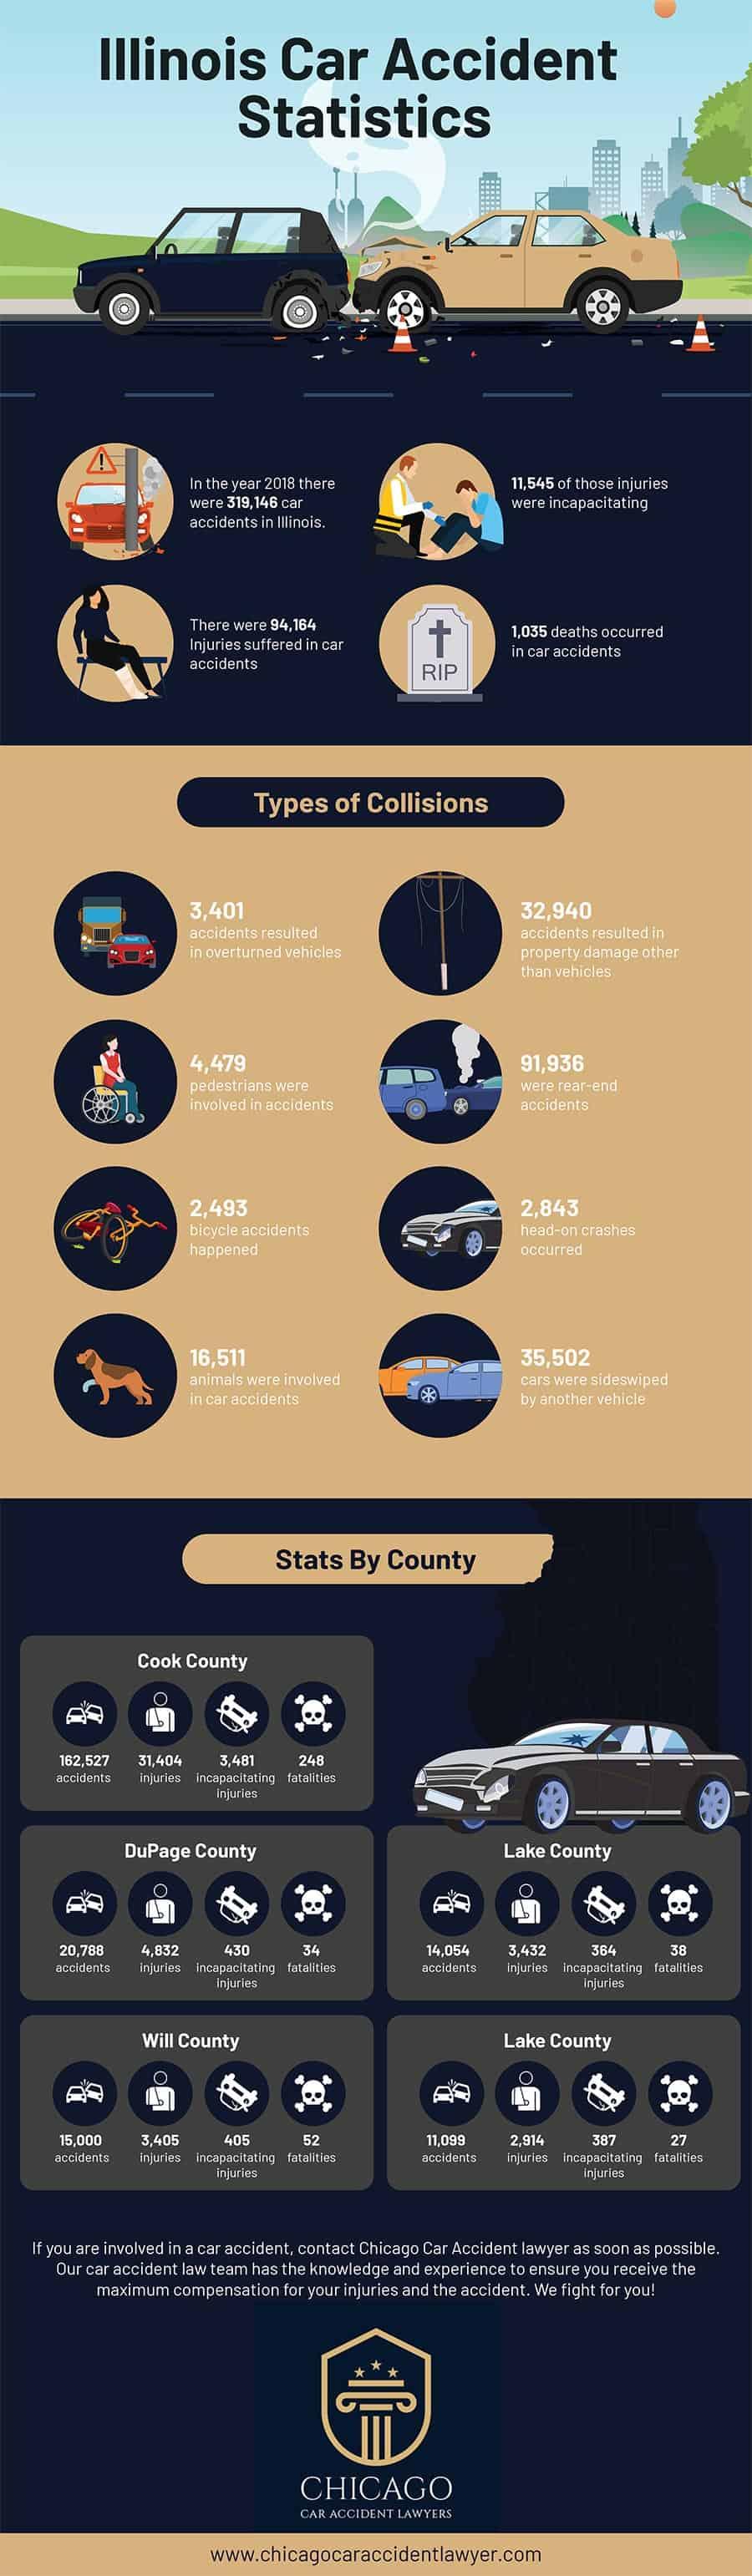 Illinois Car Accident Statistics - Infographic